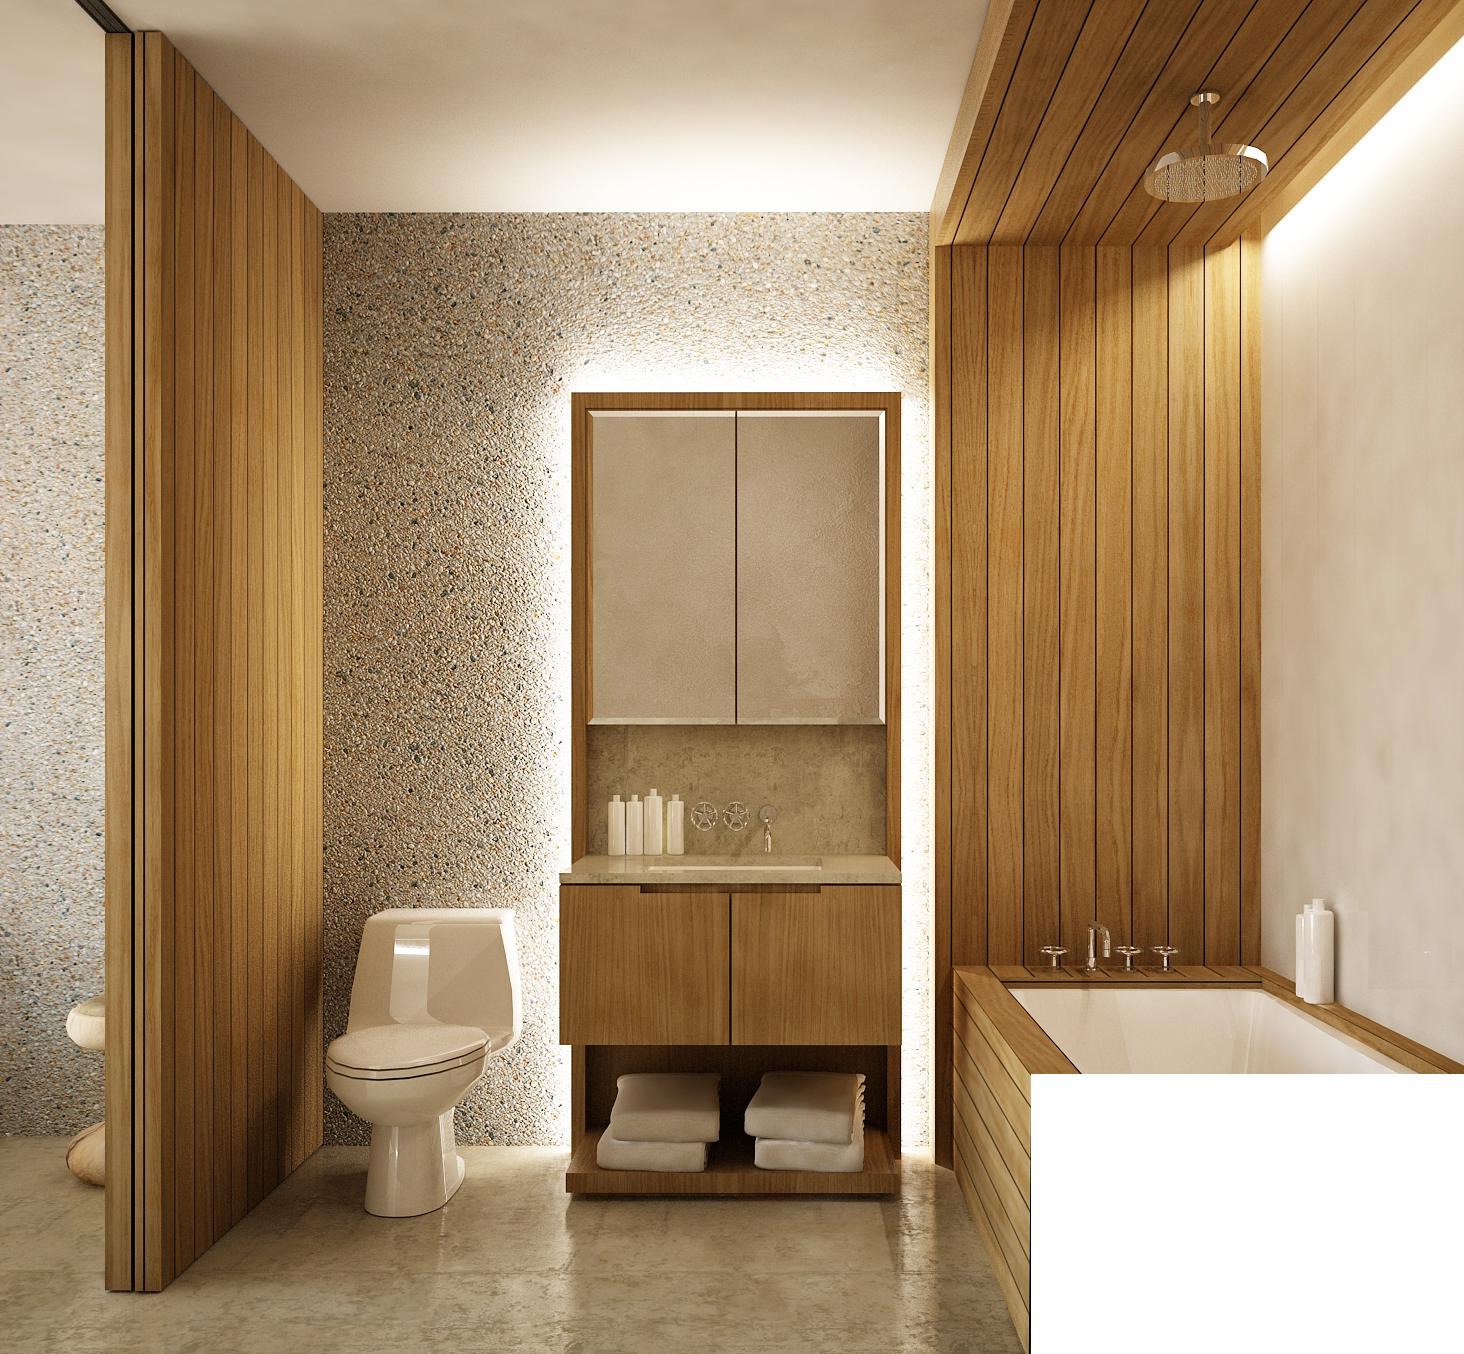 Sochi Olympic Village Master Bathroom Rendering Sink and Bathtub